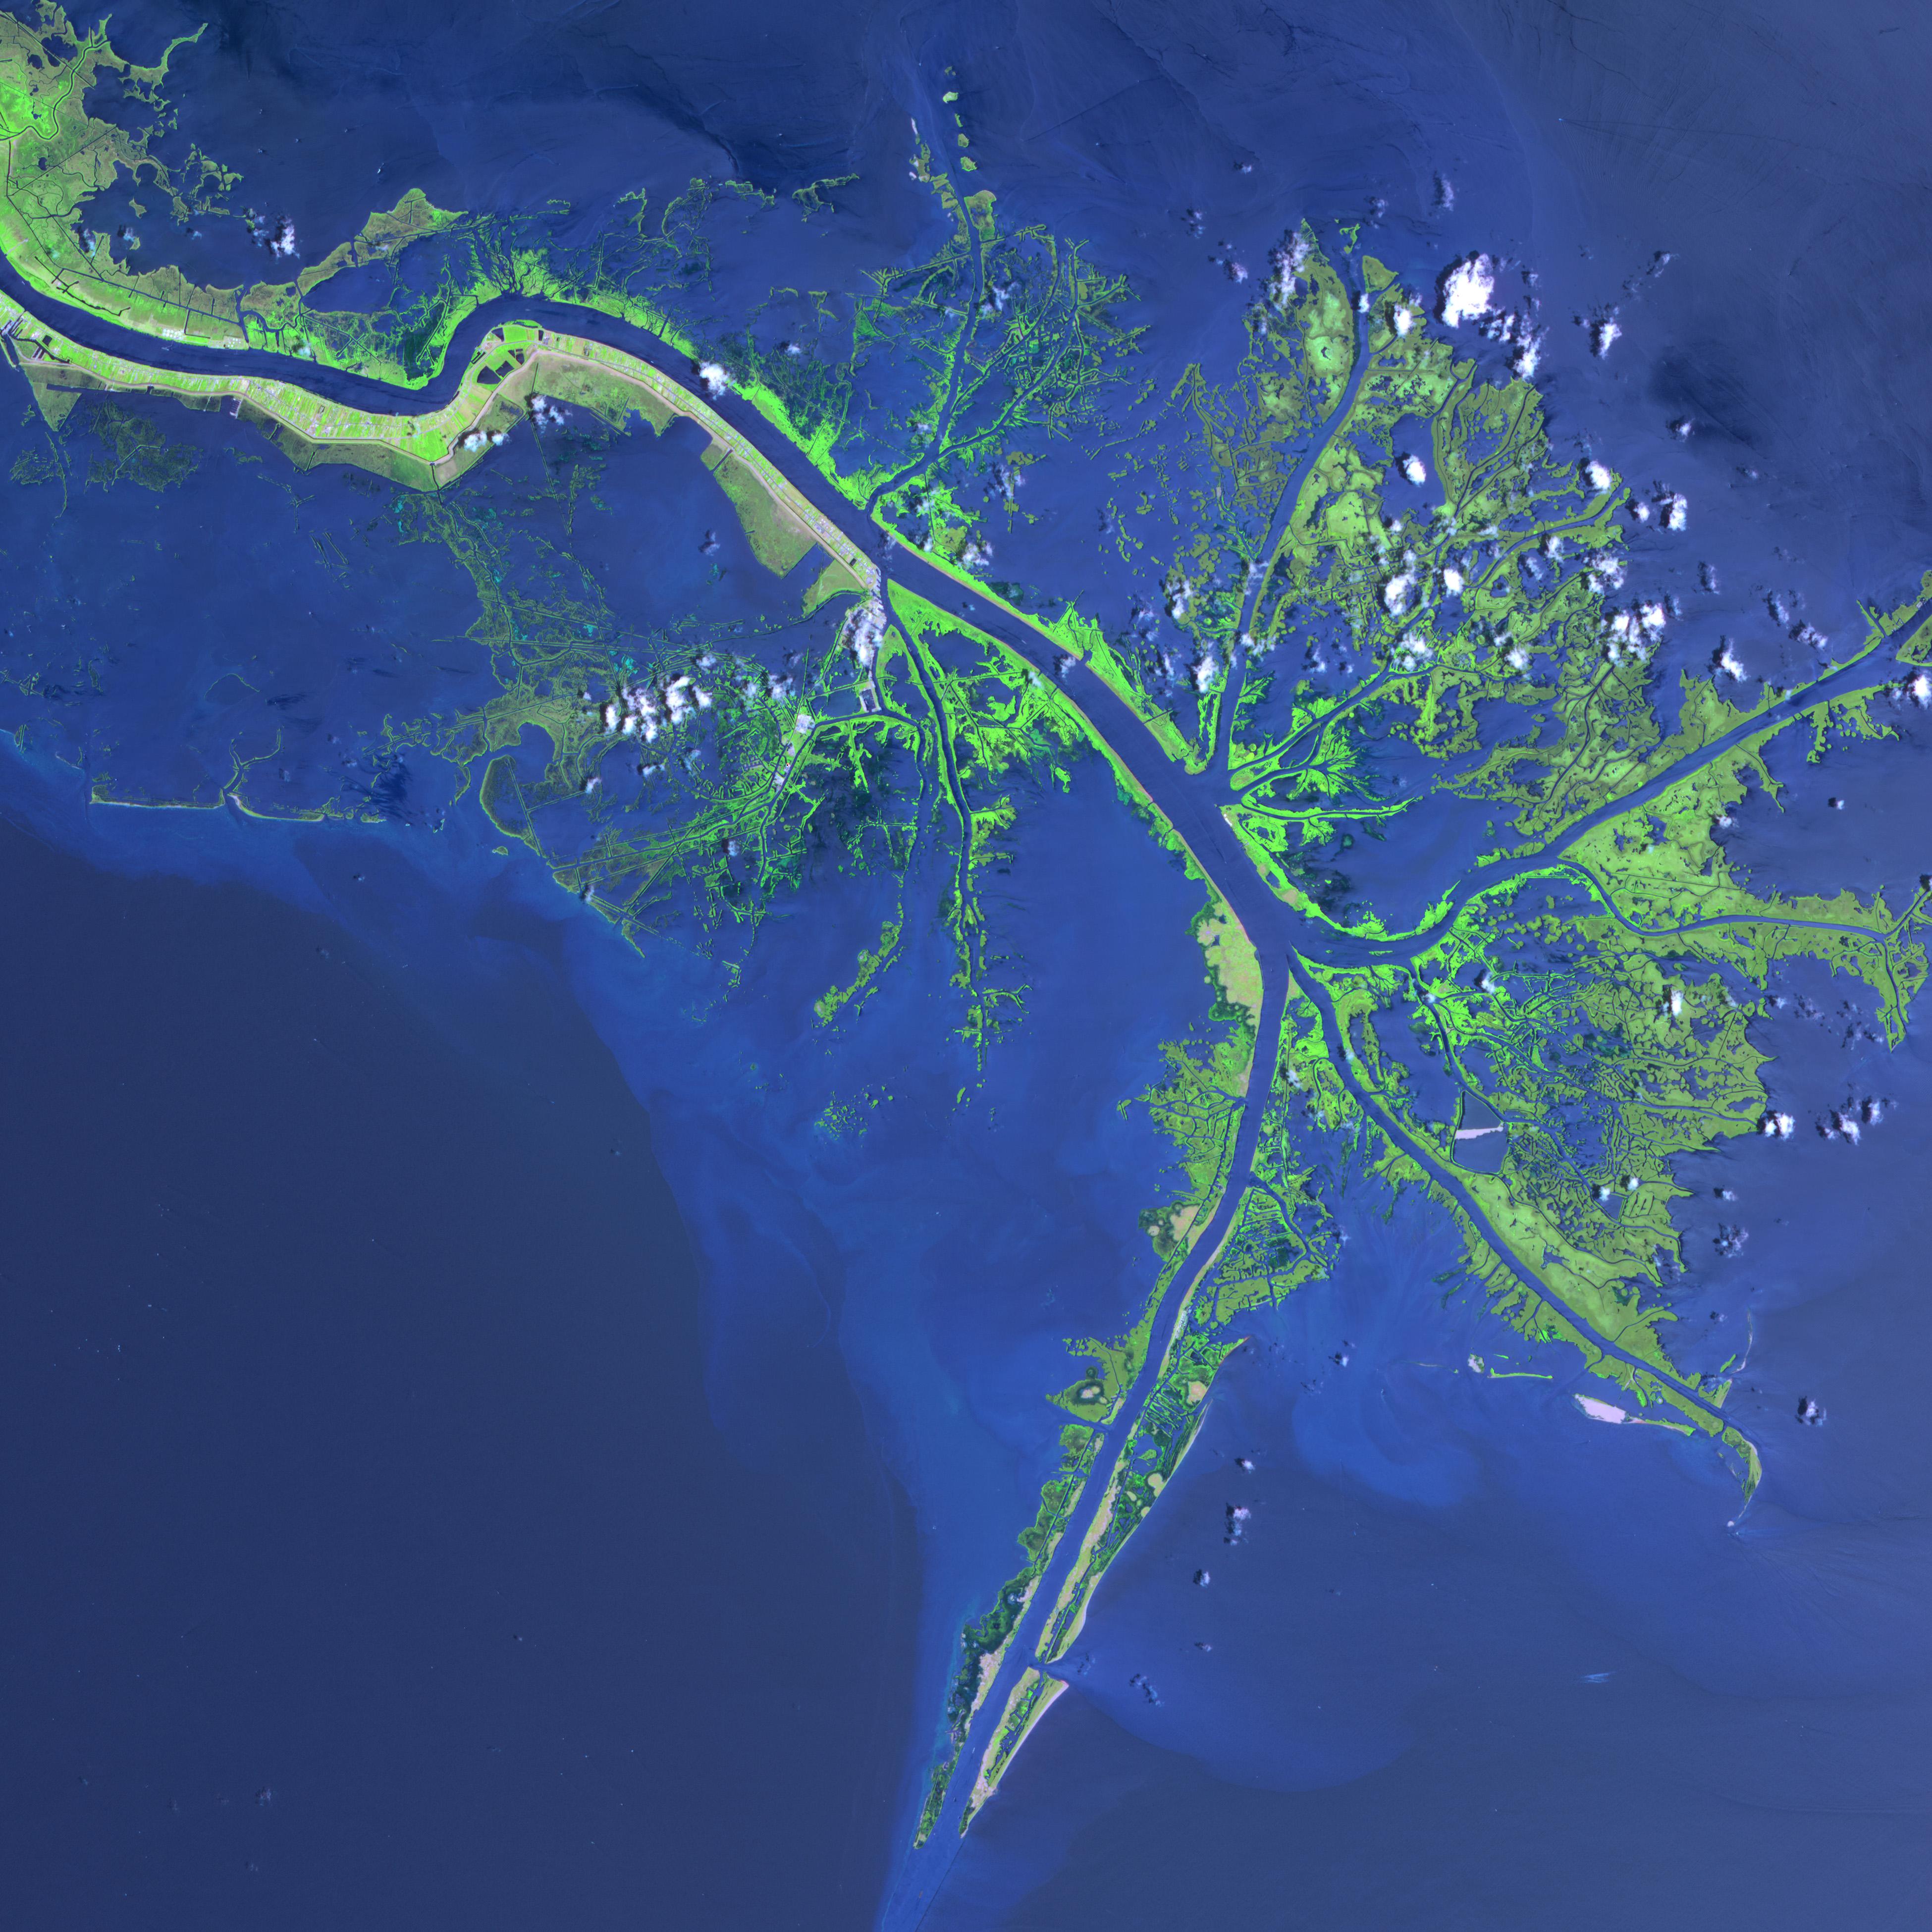 Mississippi River Delta Image Of The Day - Mississippi river delta map